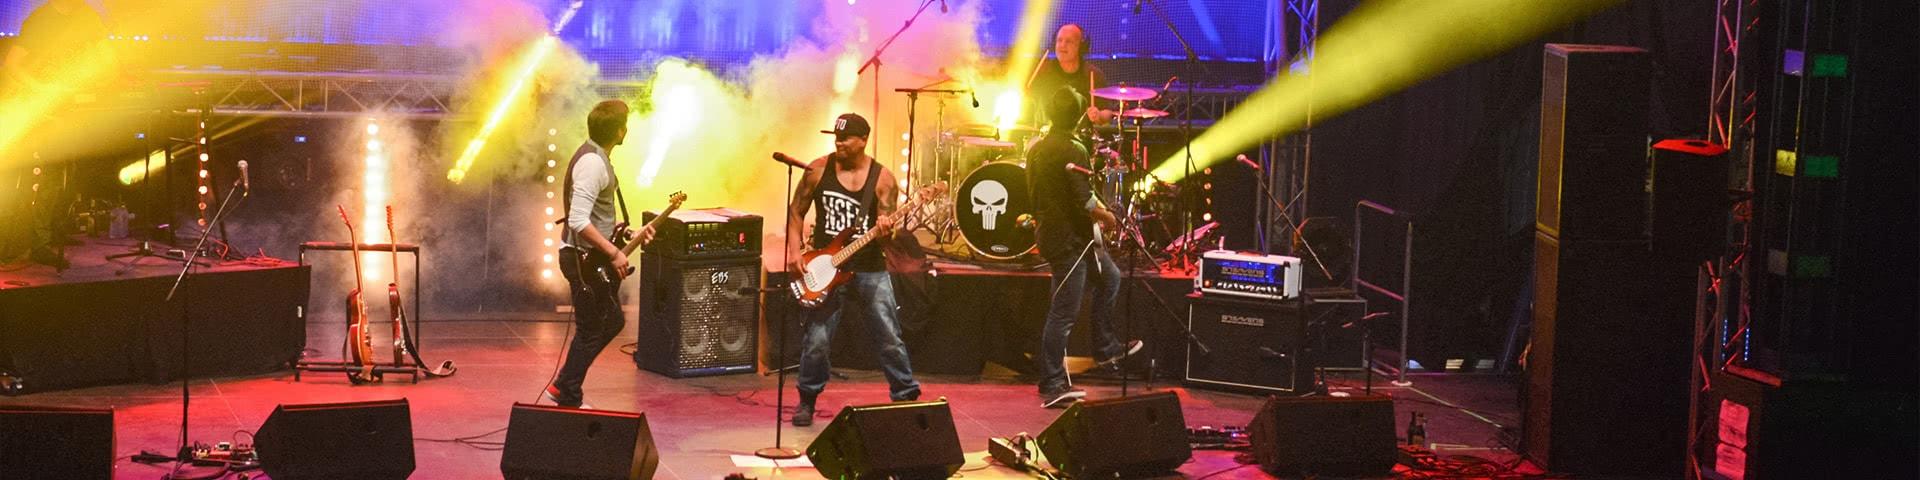 Auftritt einer Band im Musikzelt auf der Kieler Woche